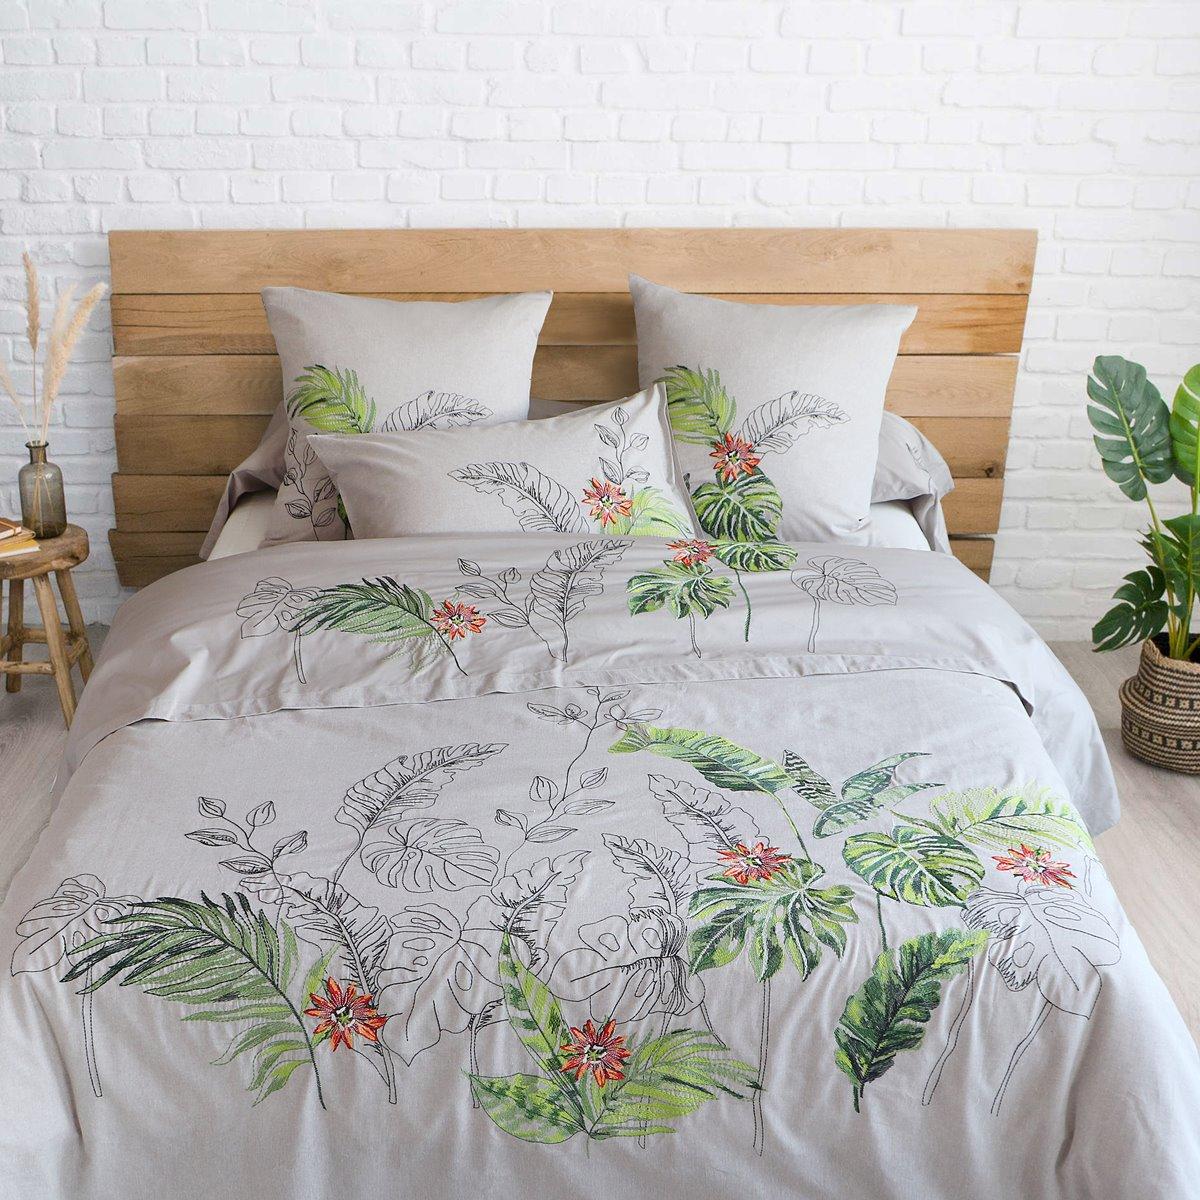 Housse de Couette brodée percale de coton 80 fils - Amazonie | Linge de lit | Tradition des Vosges